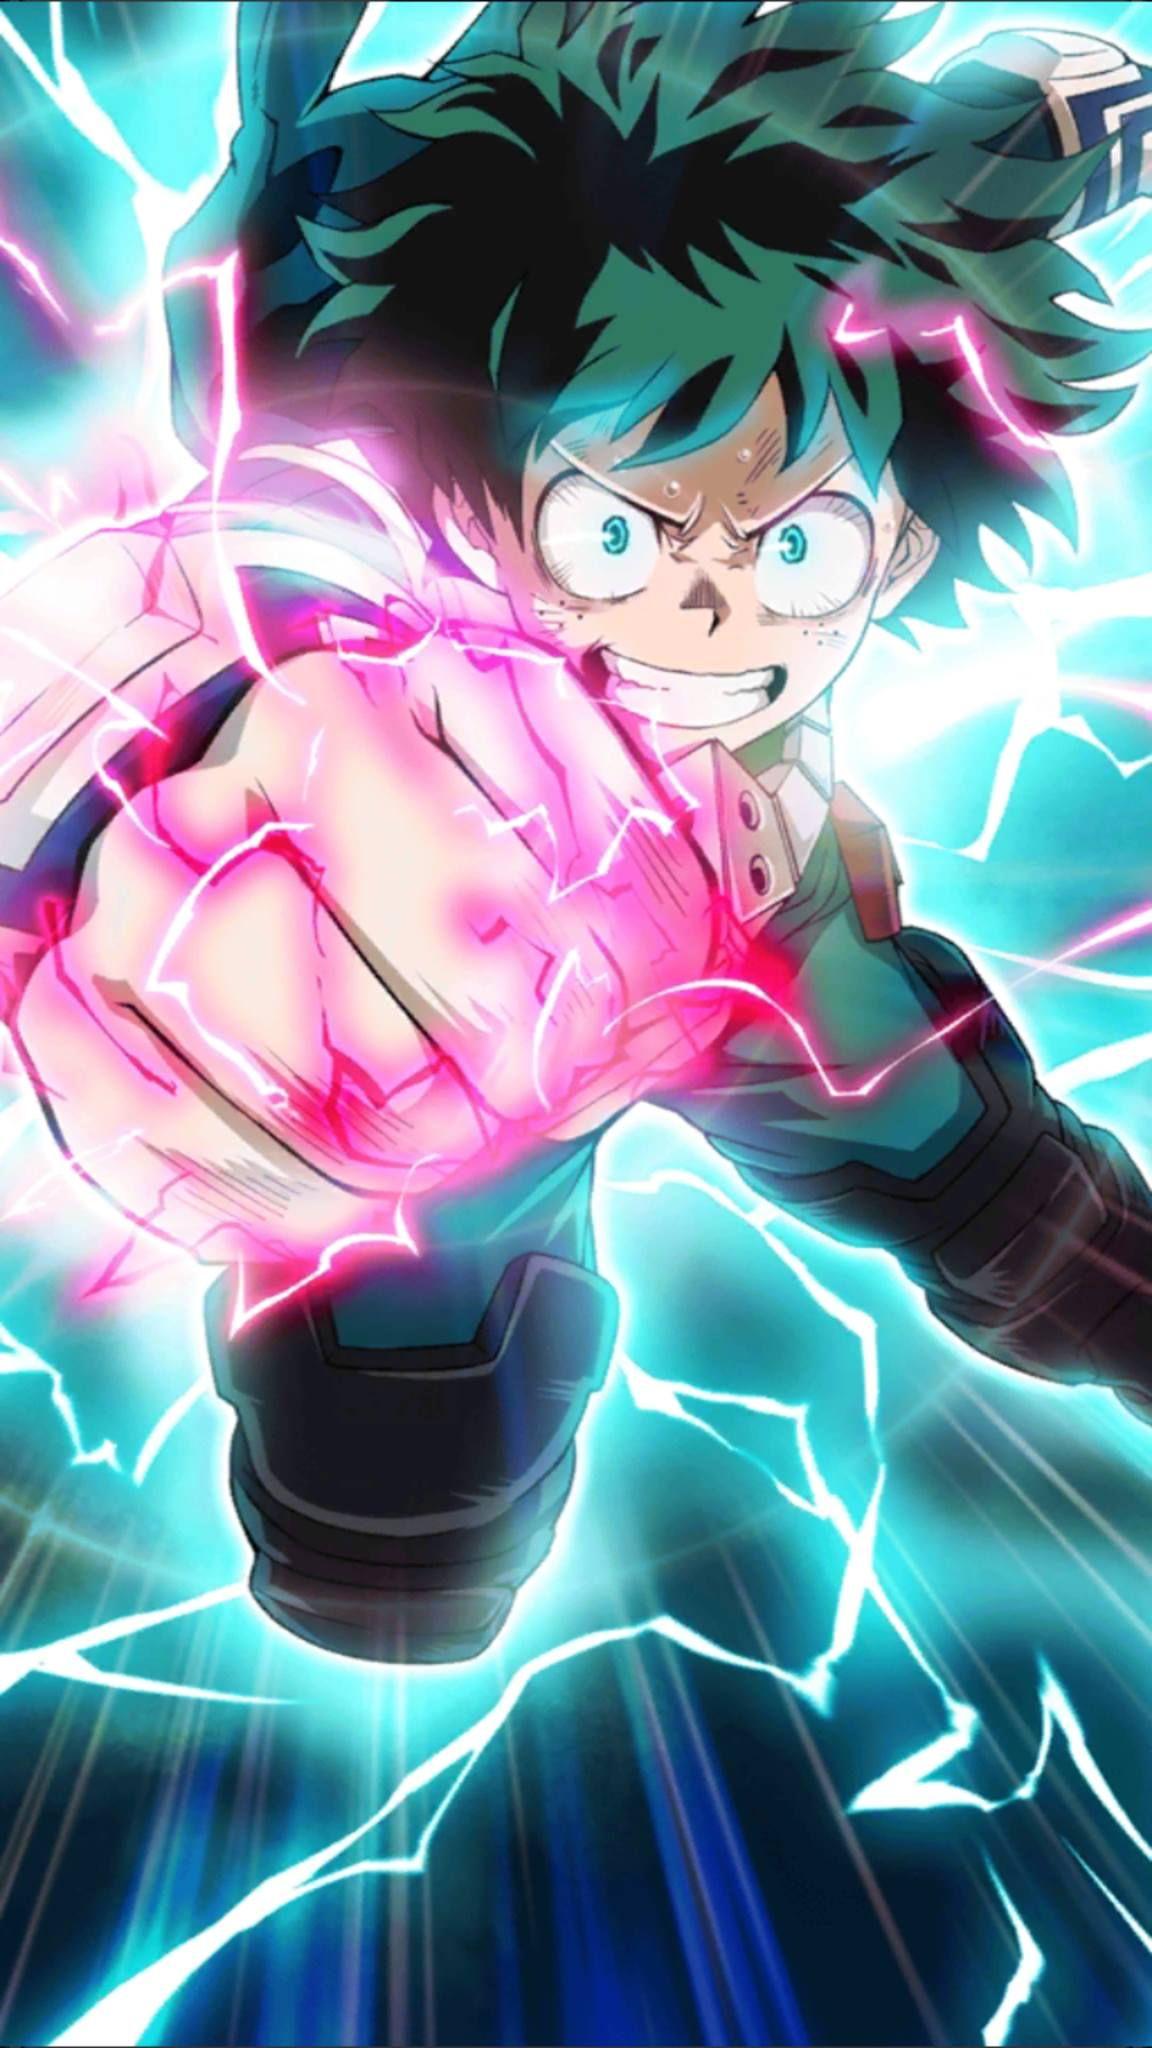 Deku / Midoriya Izuku Fondo de pantalla de anime, Fondo